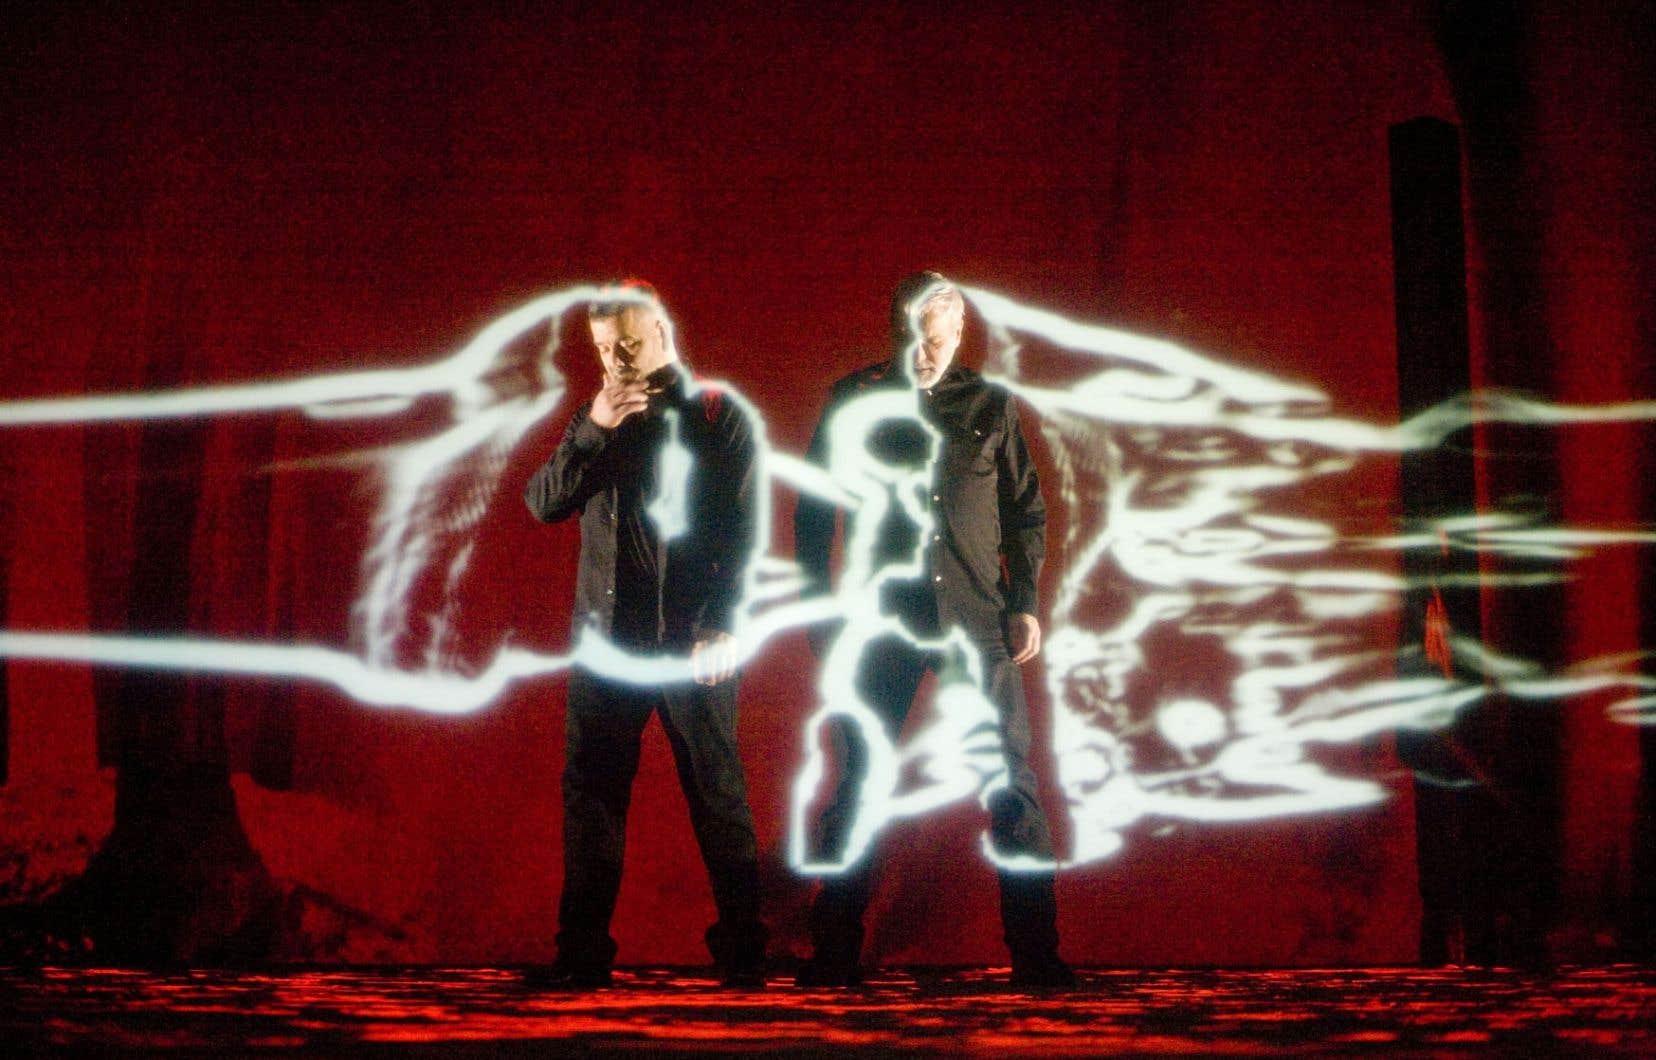 Le Musée des beaux-arts de Montréal présente l'installation rétrospective honorant les trente ans de création du duo de Michel Lemieux et Victor Pilon.